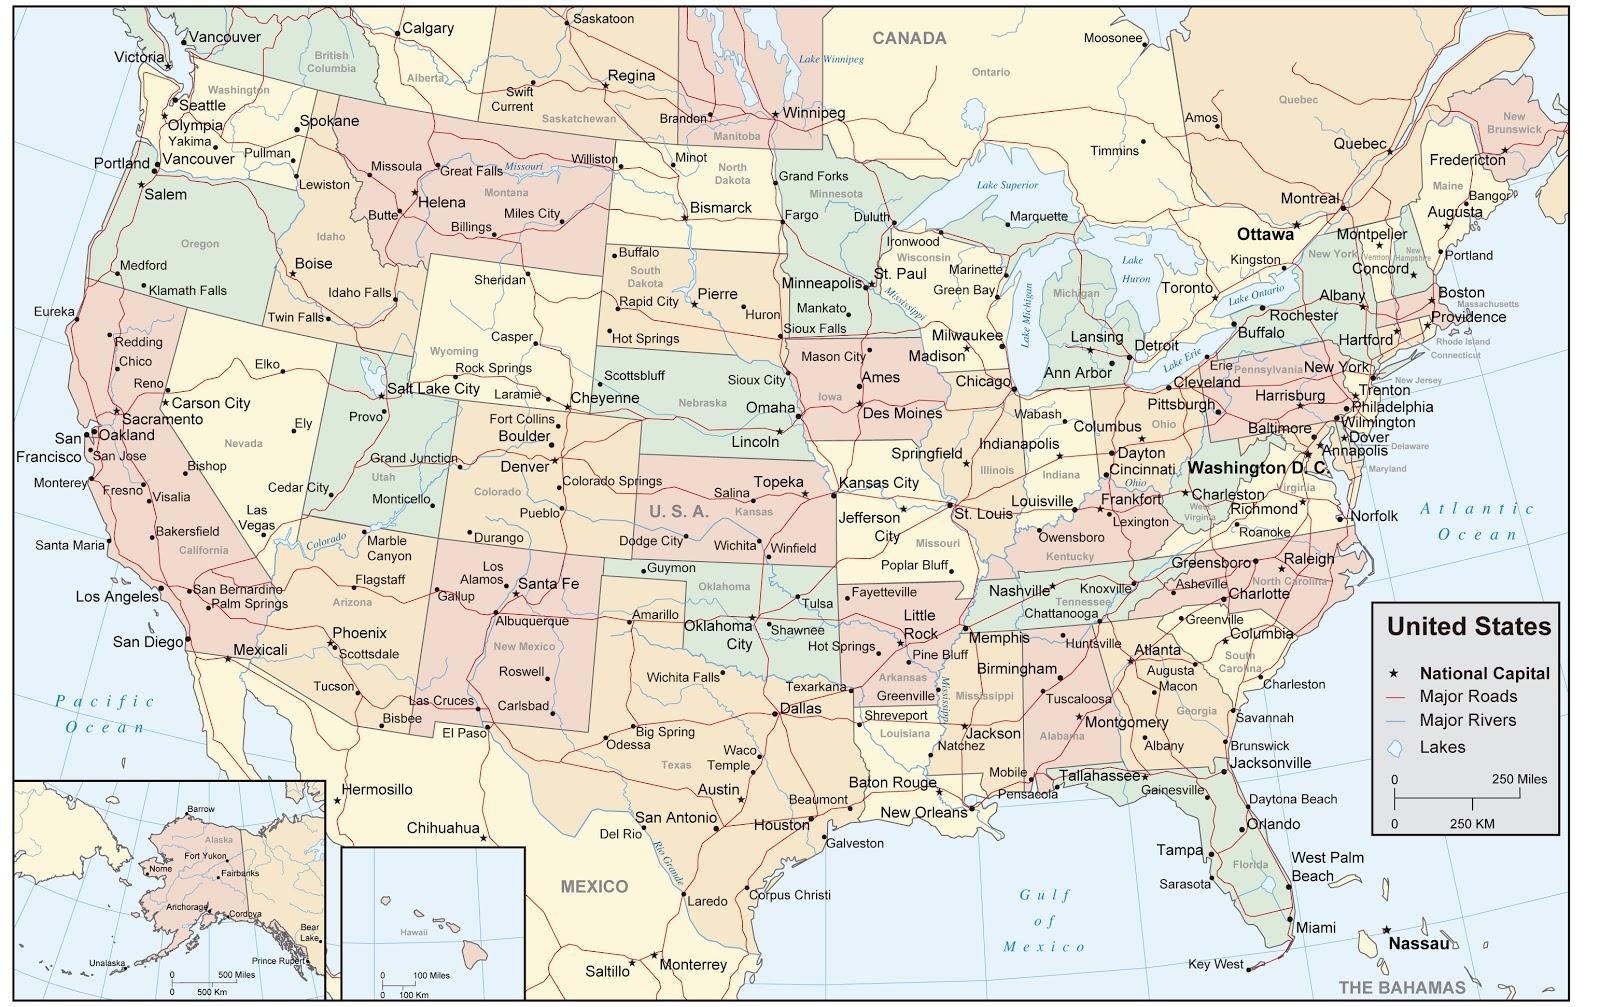 Del Mapa De Usa Noticias De Usa Maine Usa Carreteras De Usa - Mapas usa